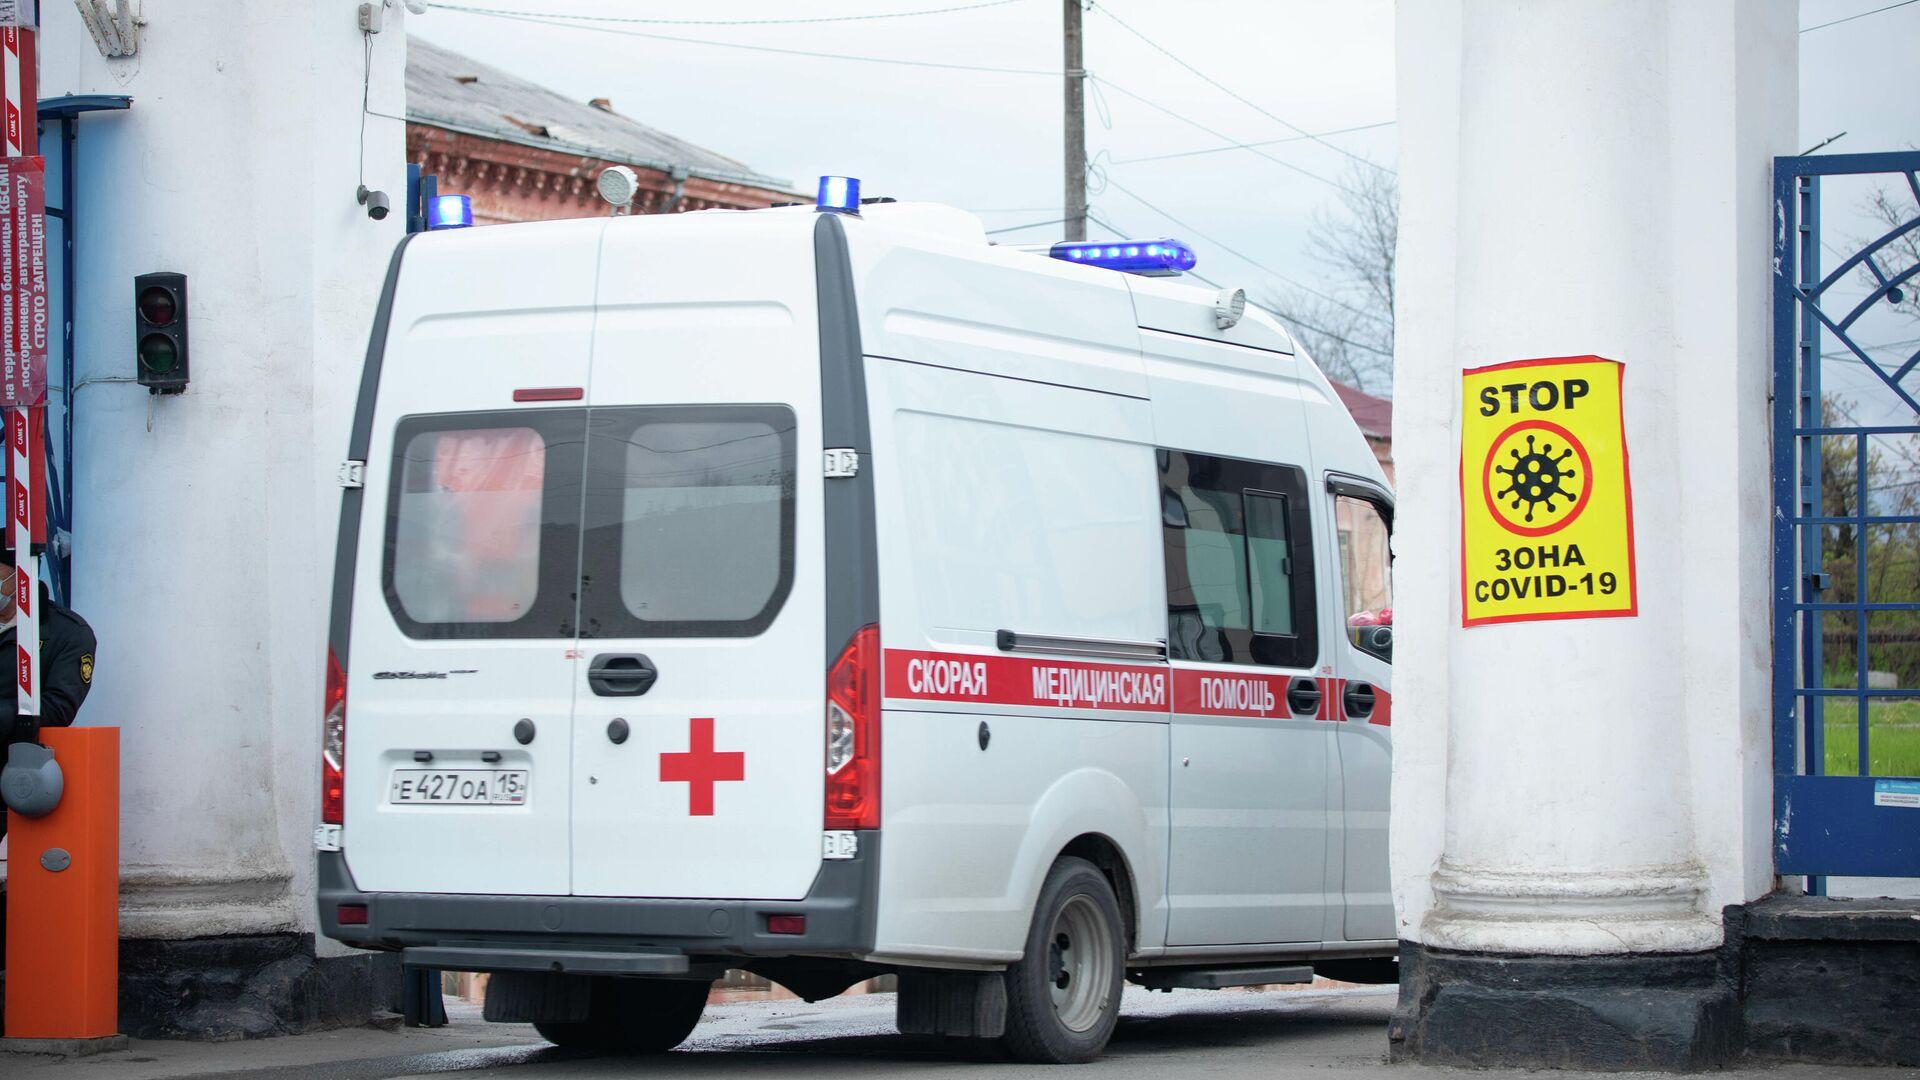 Военные отправили тонну кислорода в больницу во Владикавказе после ЧП